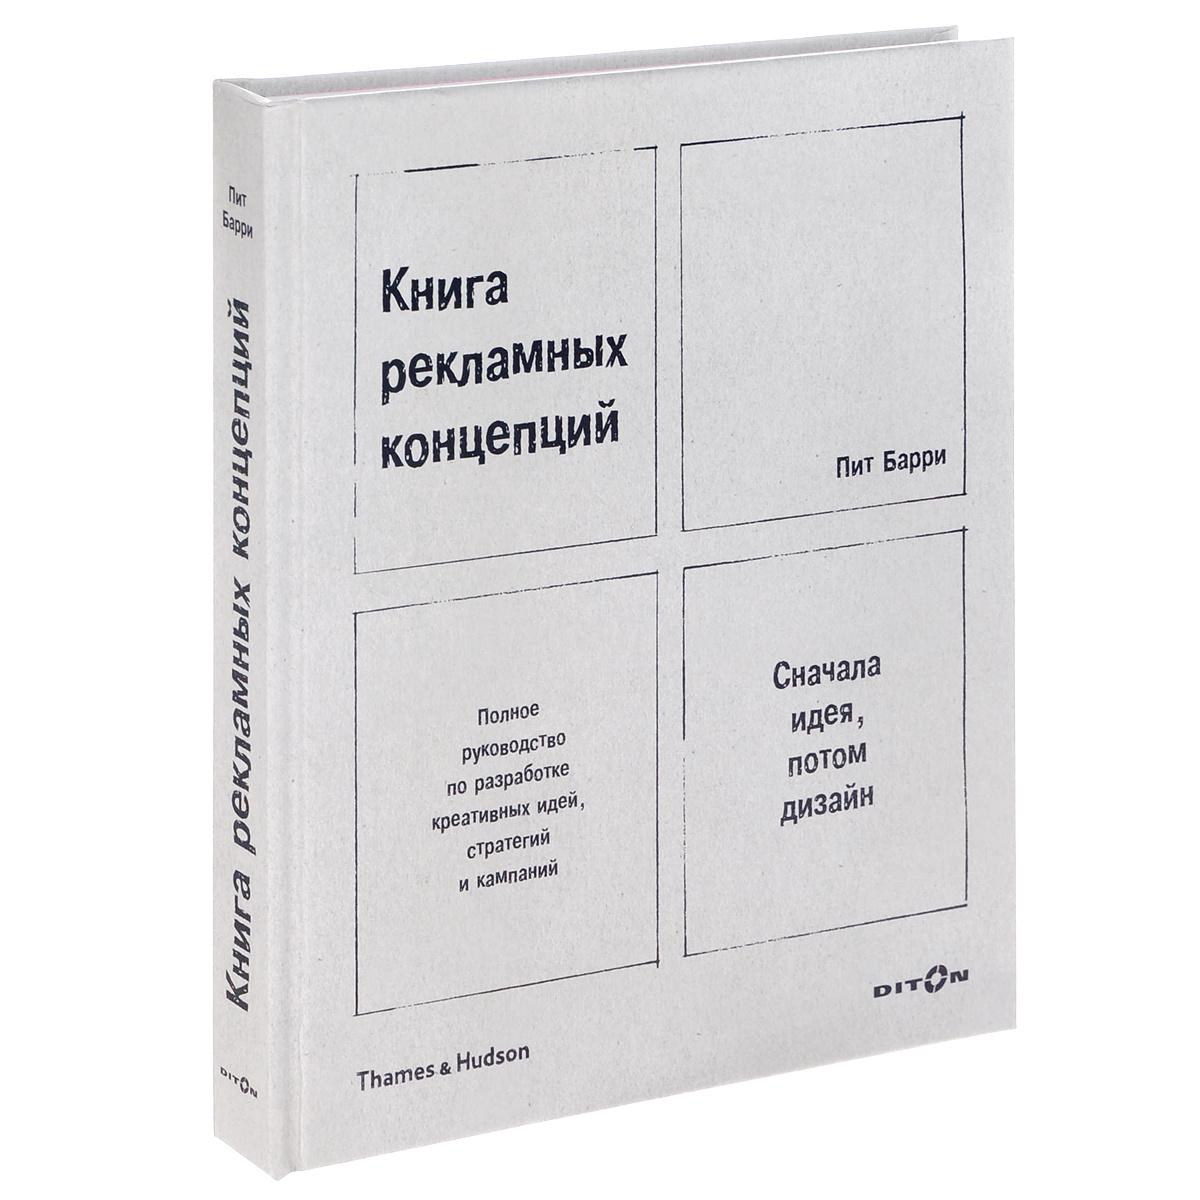 Книга рекламных концепций #1